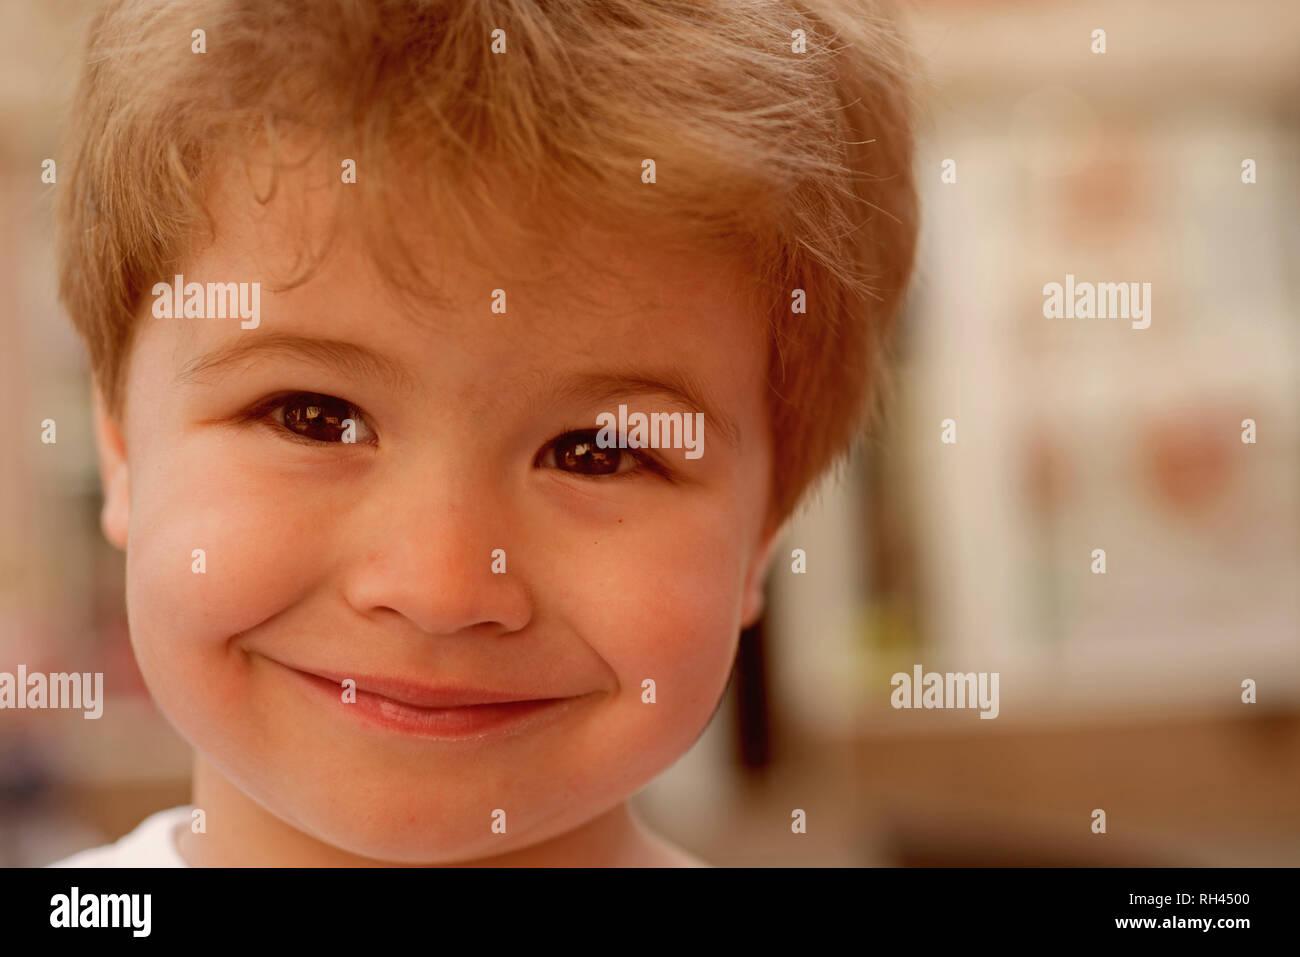 Die Wahl Einer Frisur Die Meine Gesichtsform Passt Kleines Kind